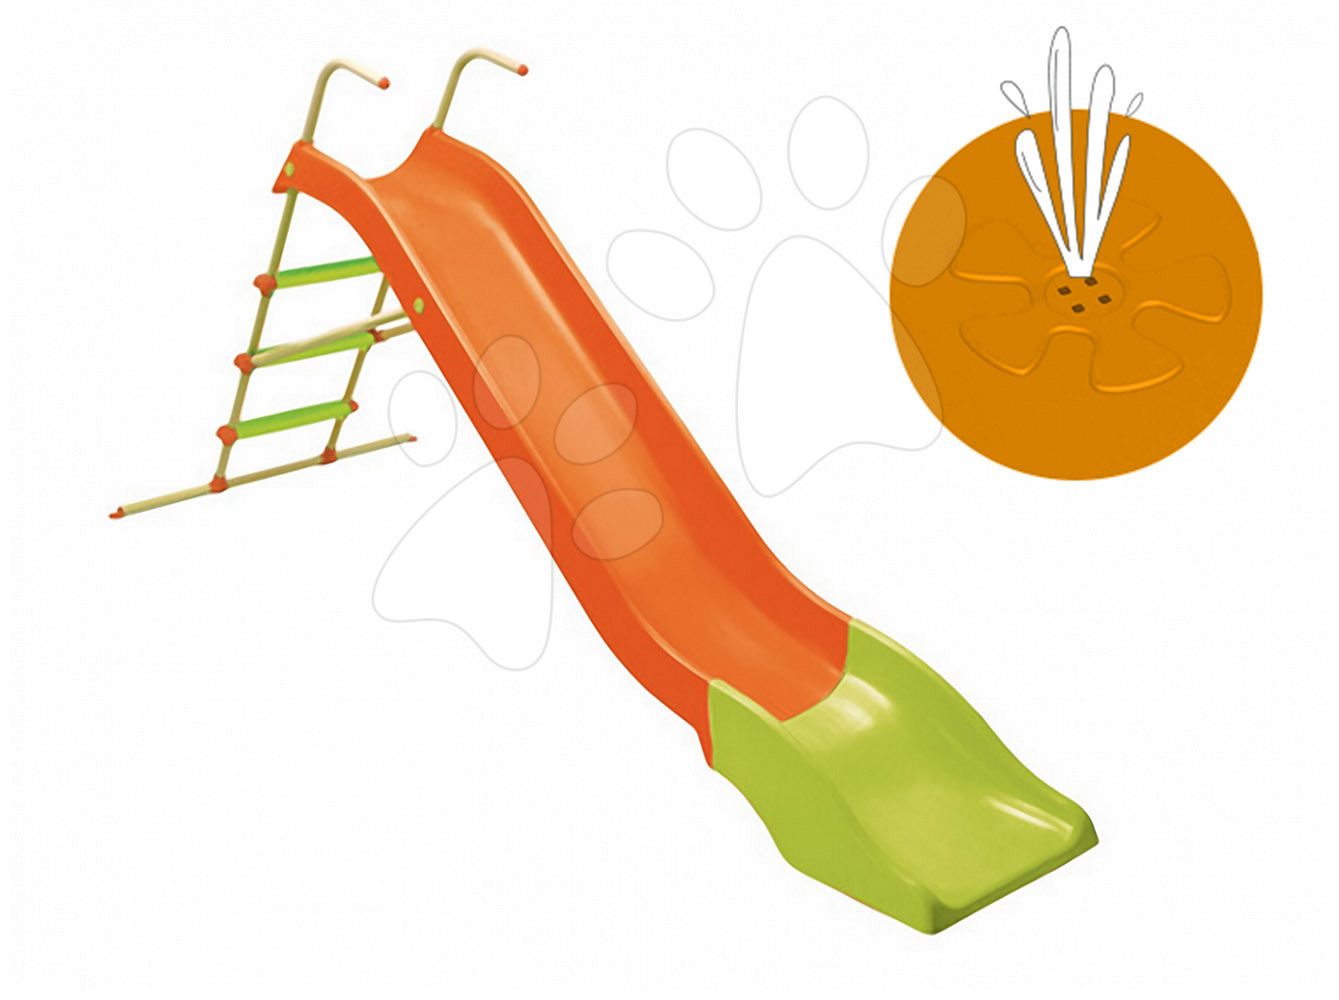 Šmykľavka Starplast rovná s kovovou konštrukciou a vodou dĺžka 2,7 m zeleno-oranžová